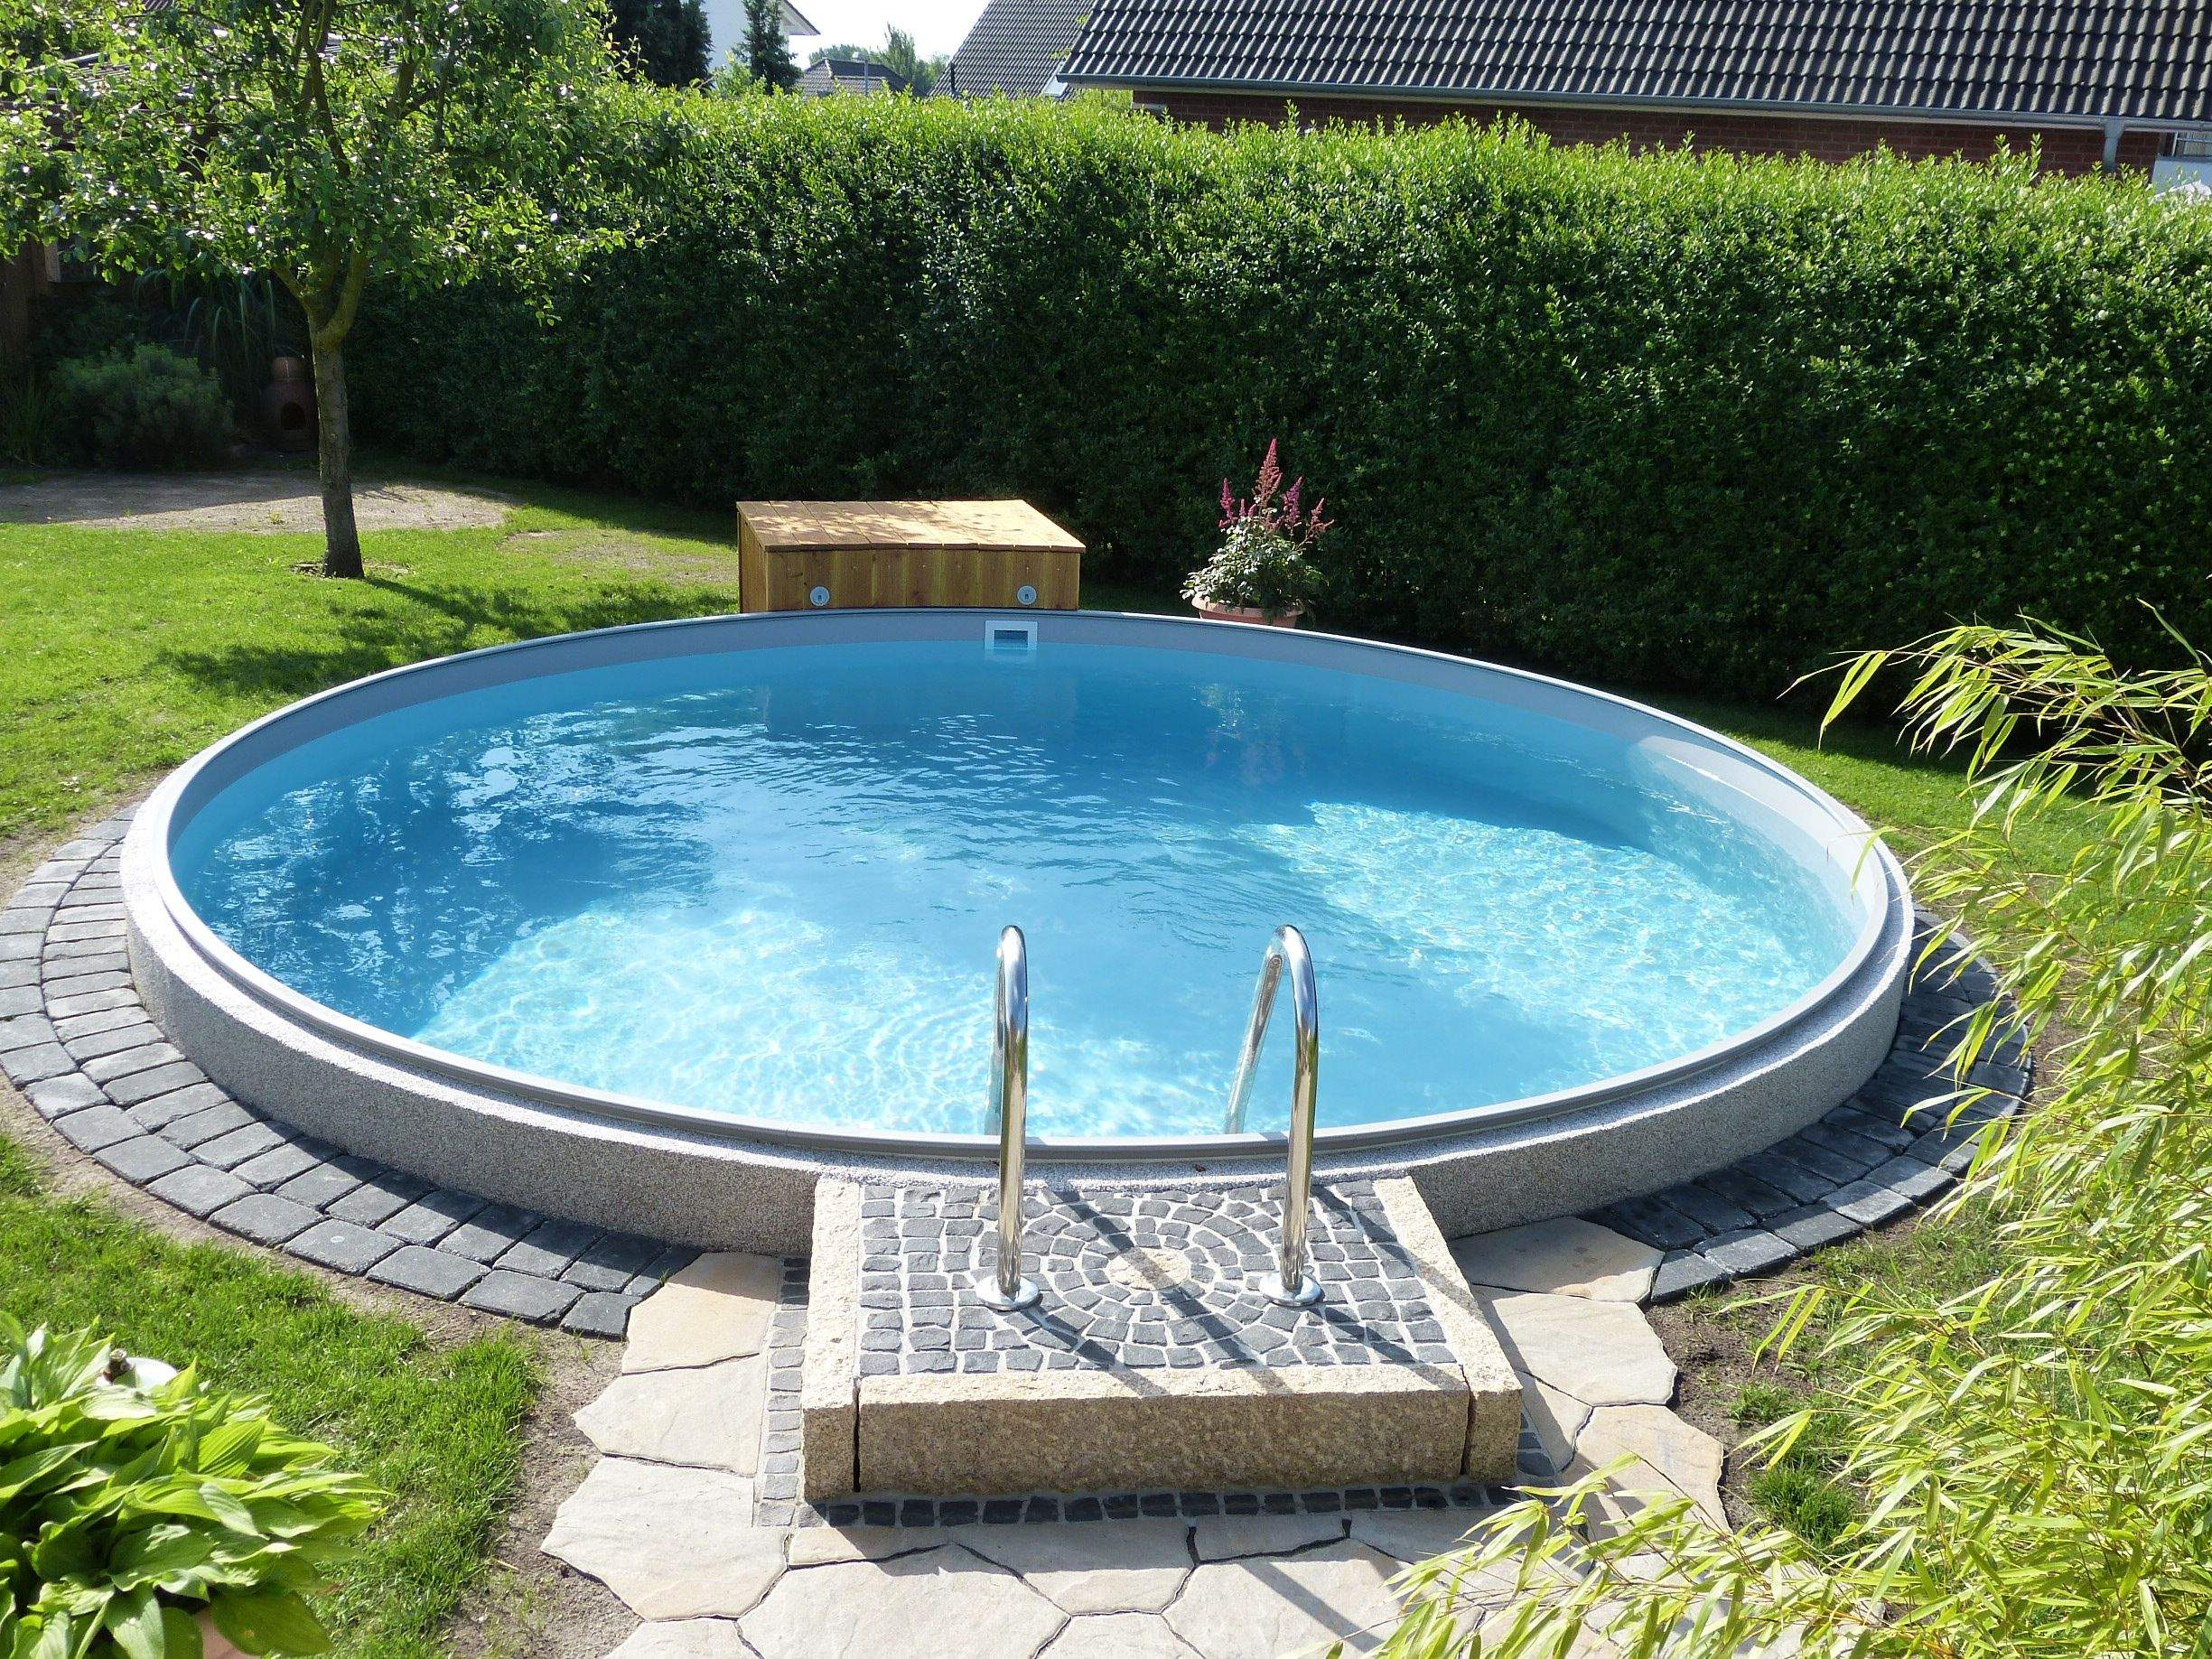 Pool Im Garten Selber Bauen Frisch Poolakademie Bauen Sie Ihren Pool Selbst Wir Helfen